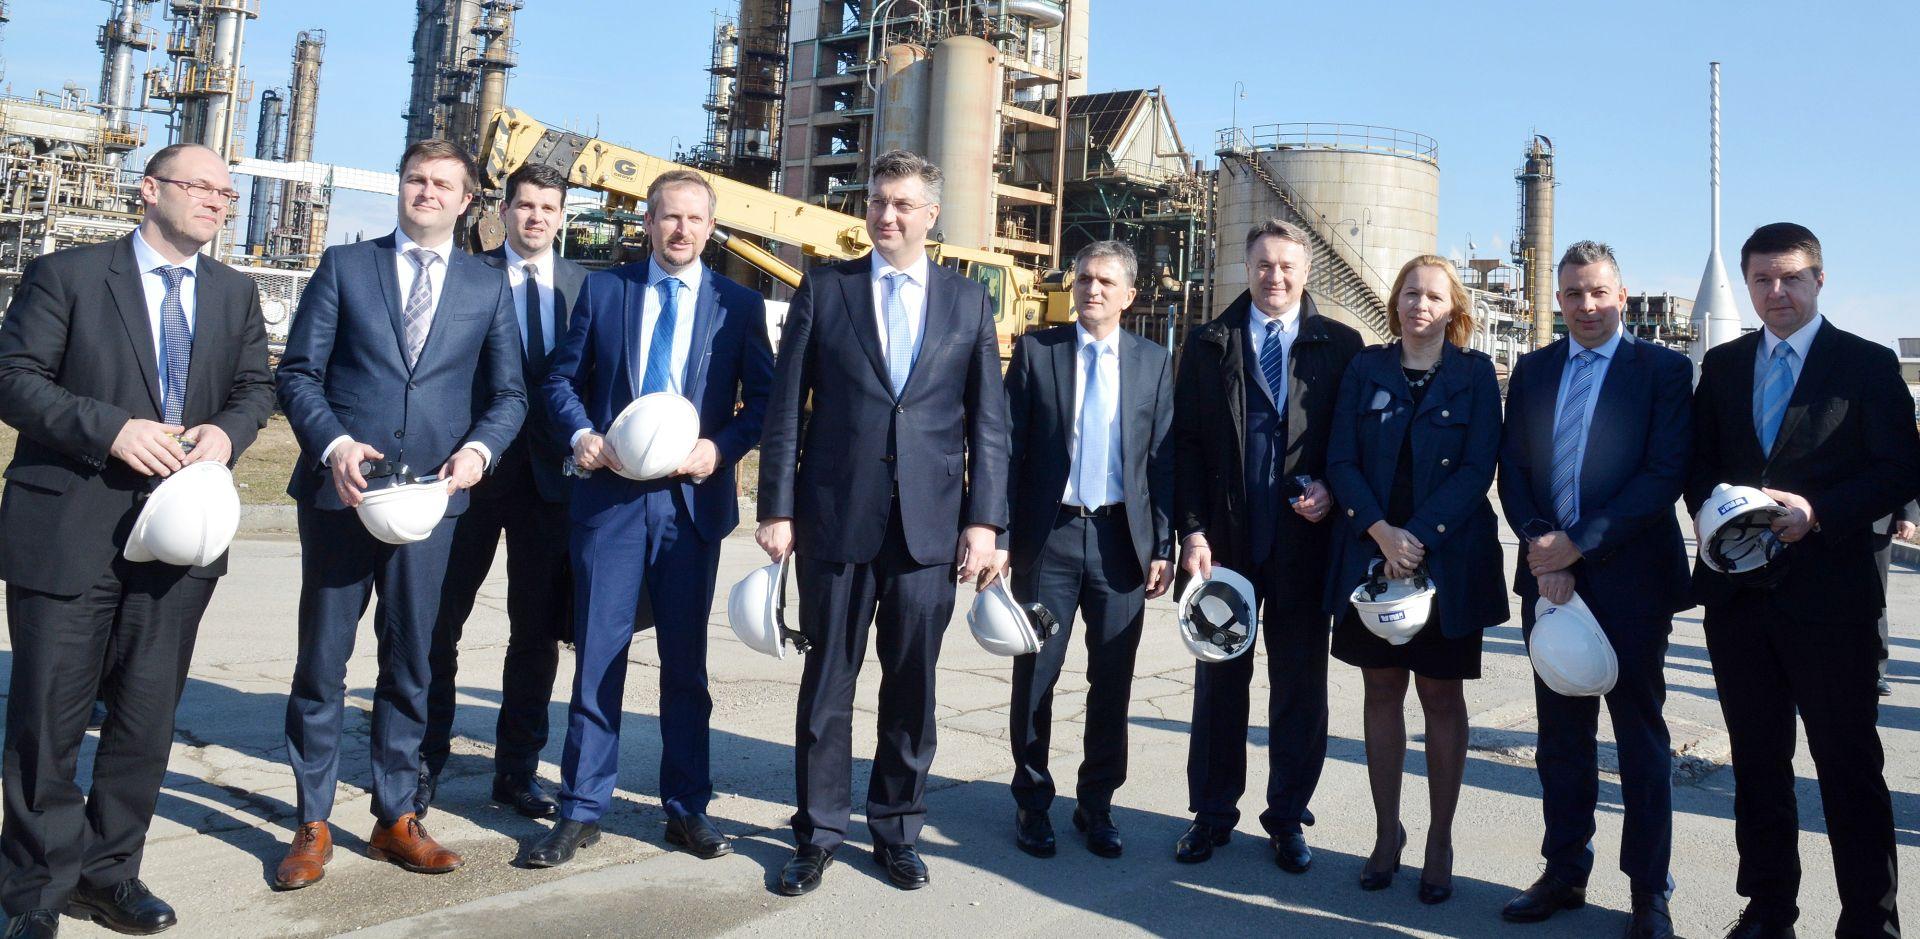 Uprava Ine napravila niz propusta u procesu modernizacije rafinerija